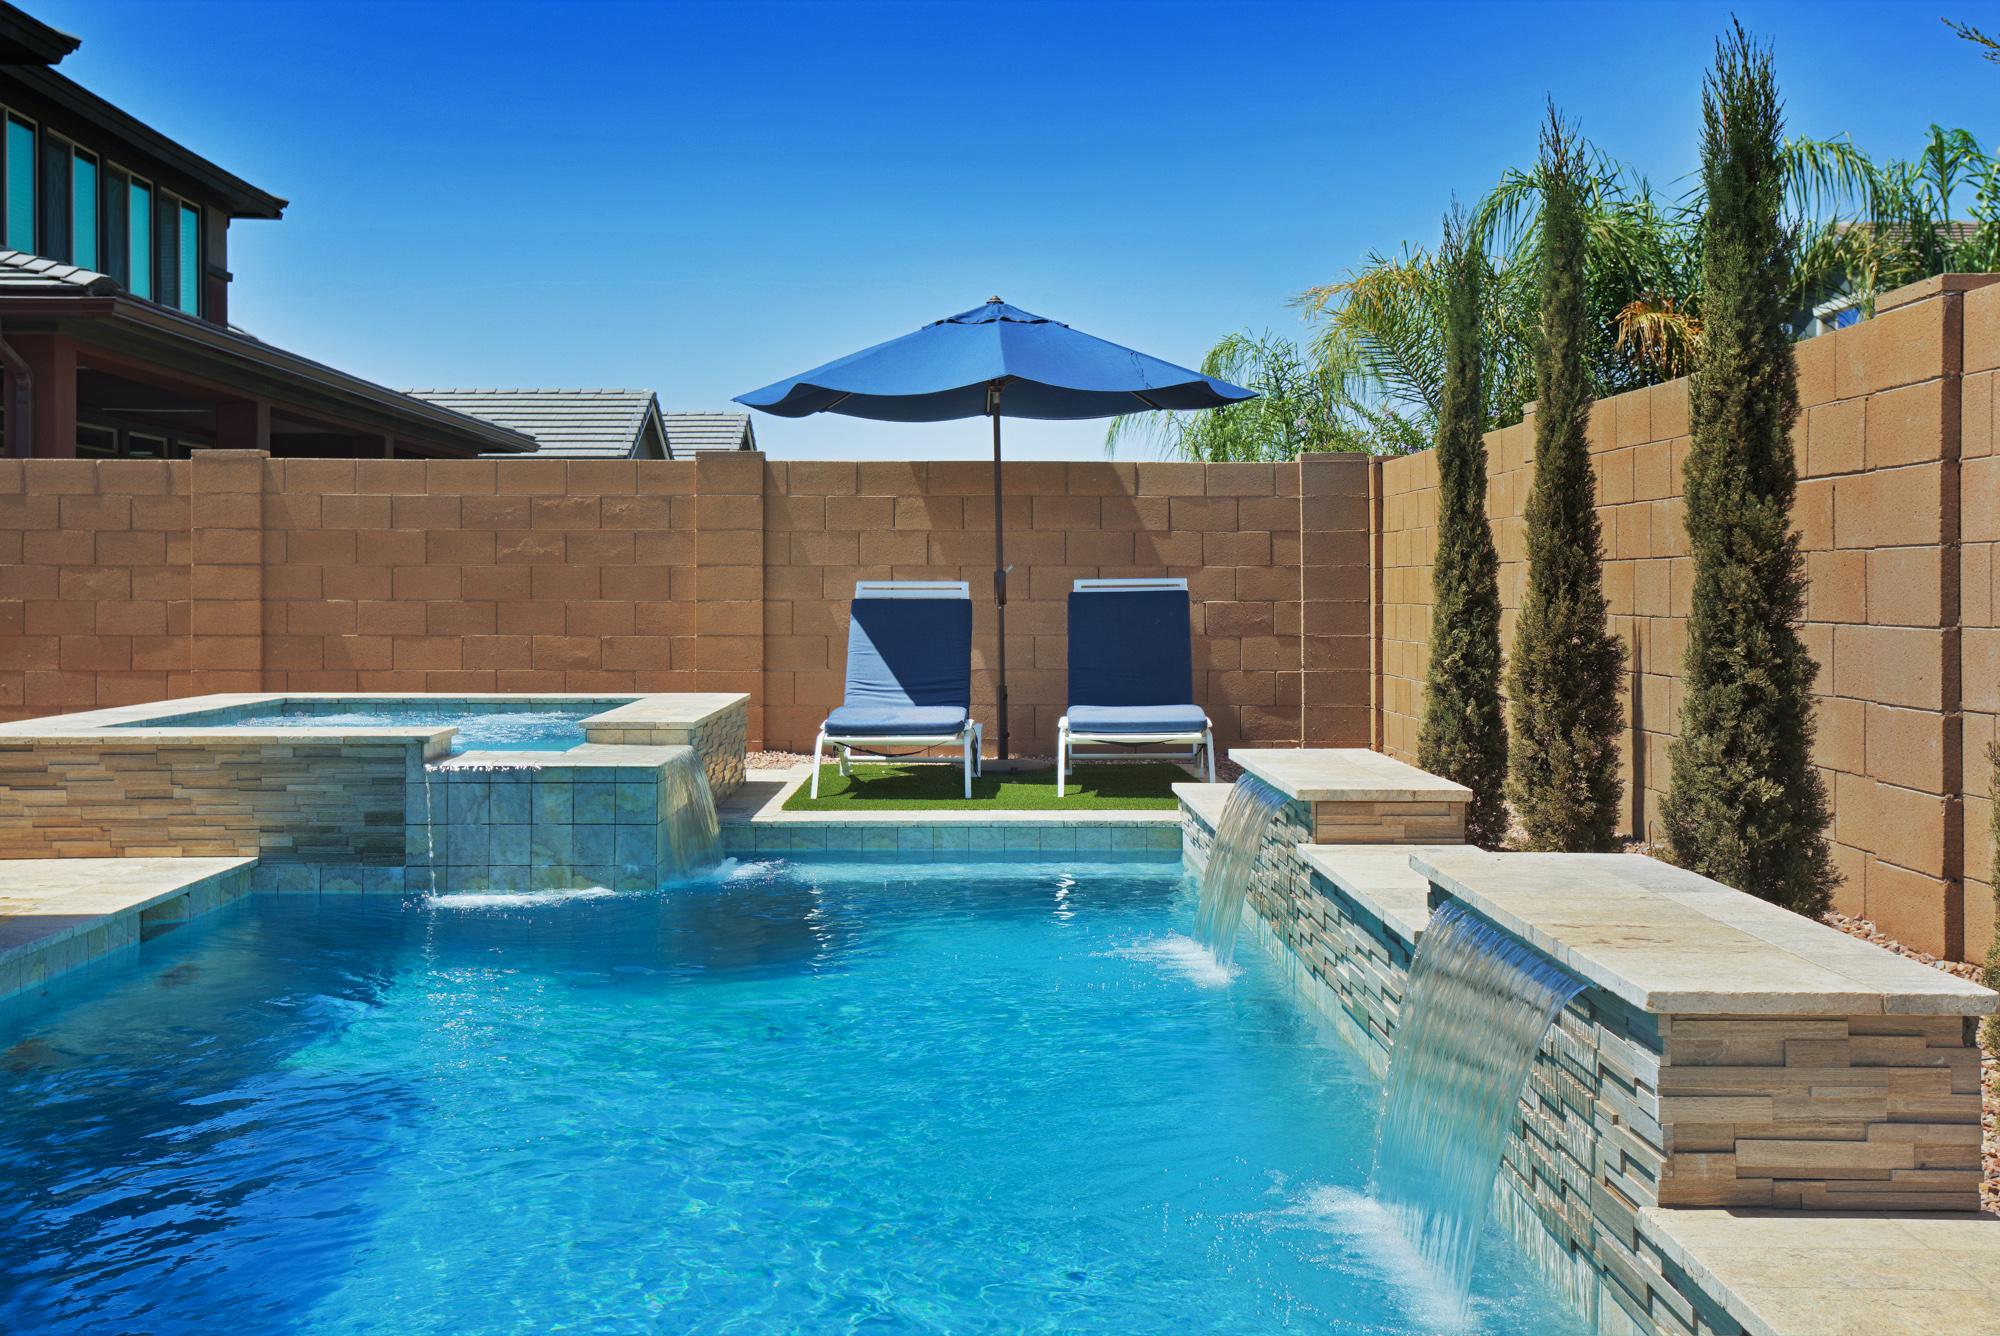 gilbert compact pool design for small backyard